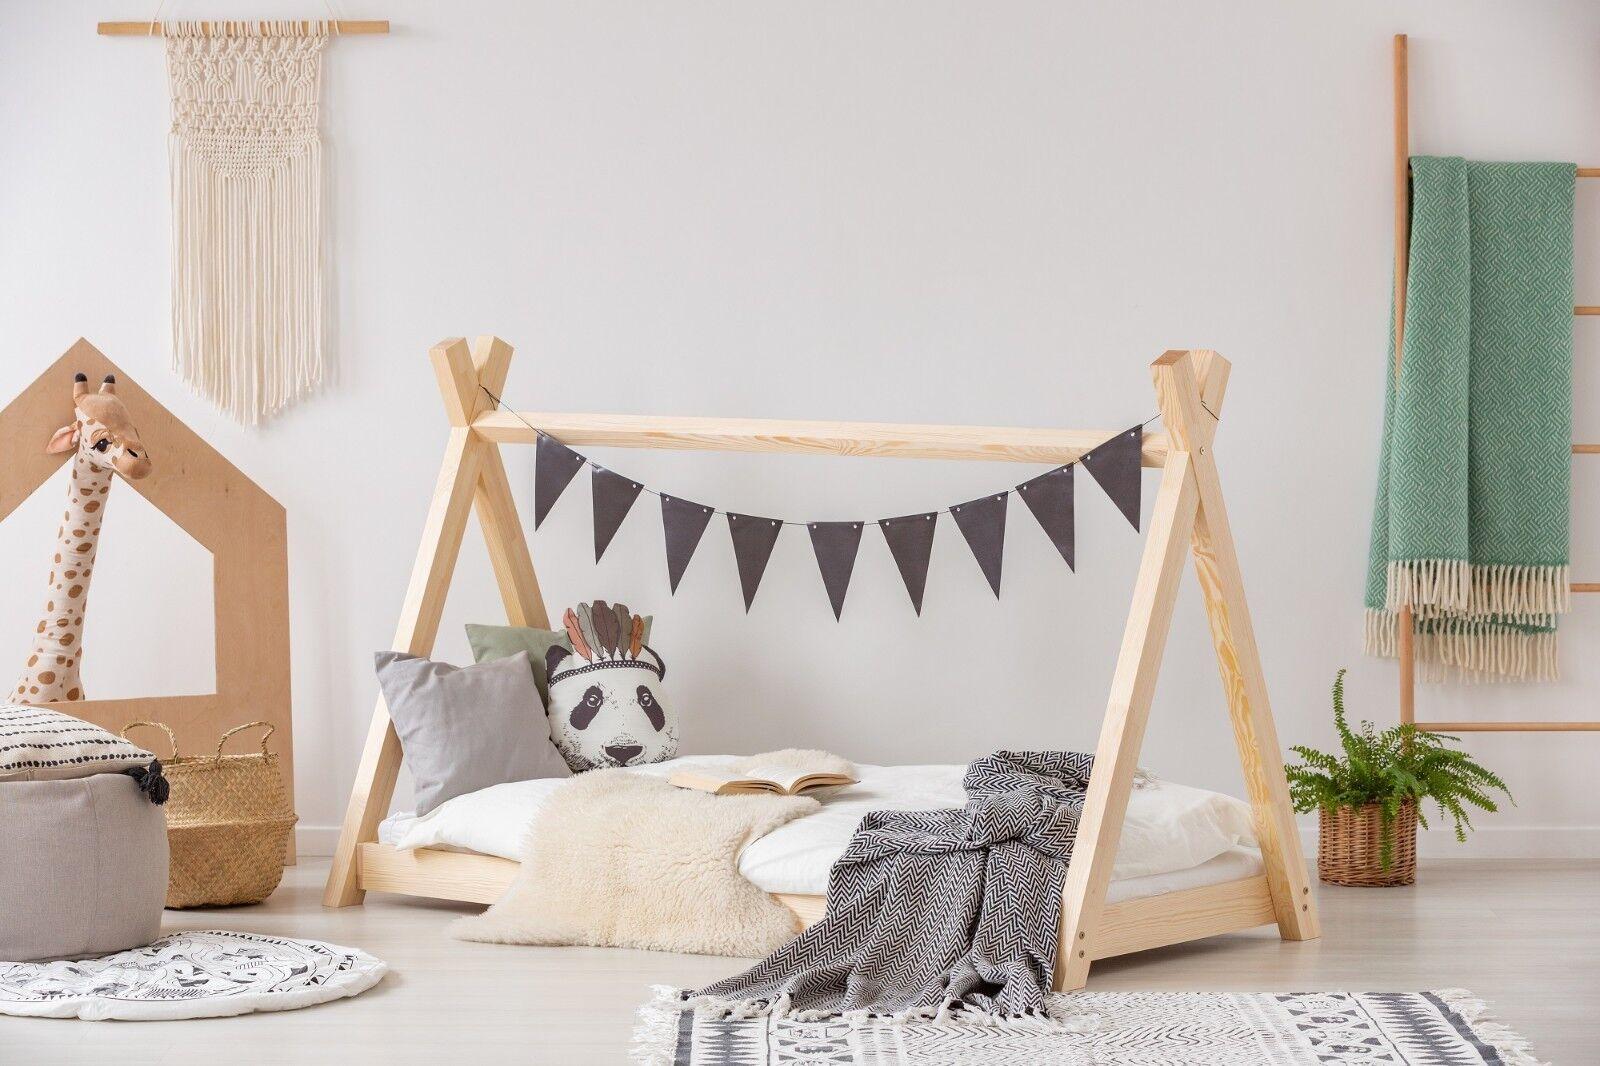 Letto singolo BAMBINO per bambini Letto casa legno naturale TP